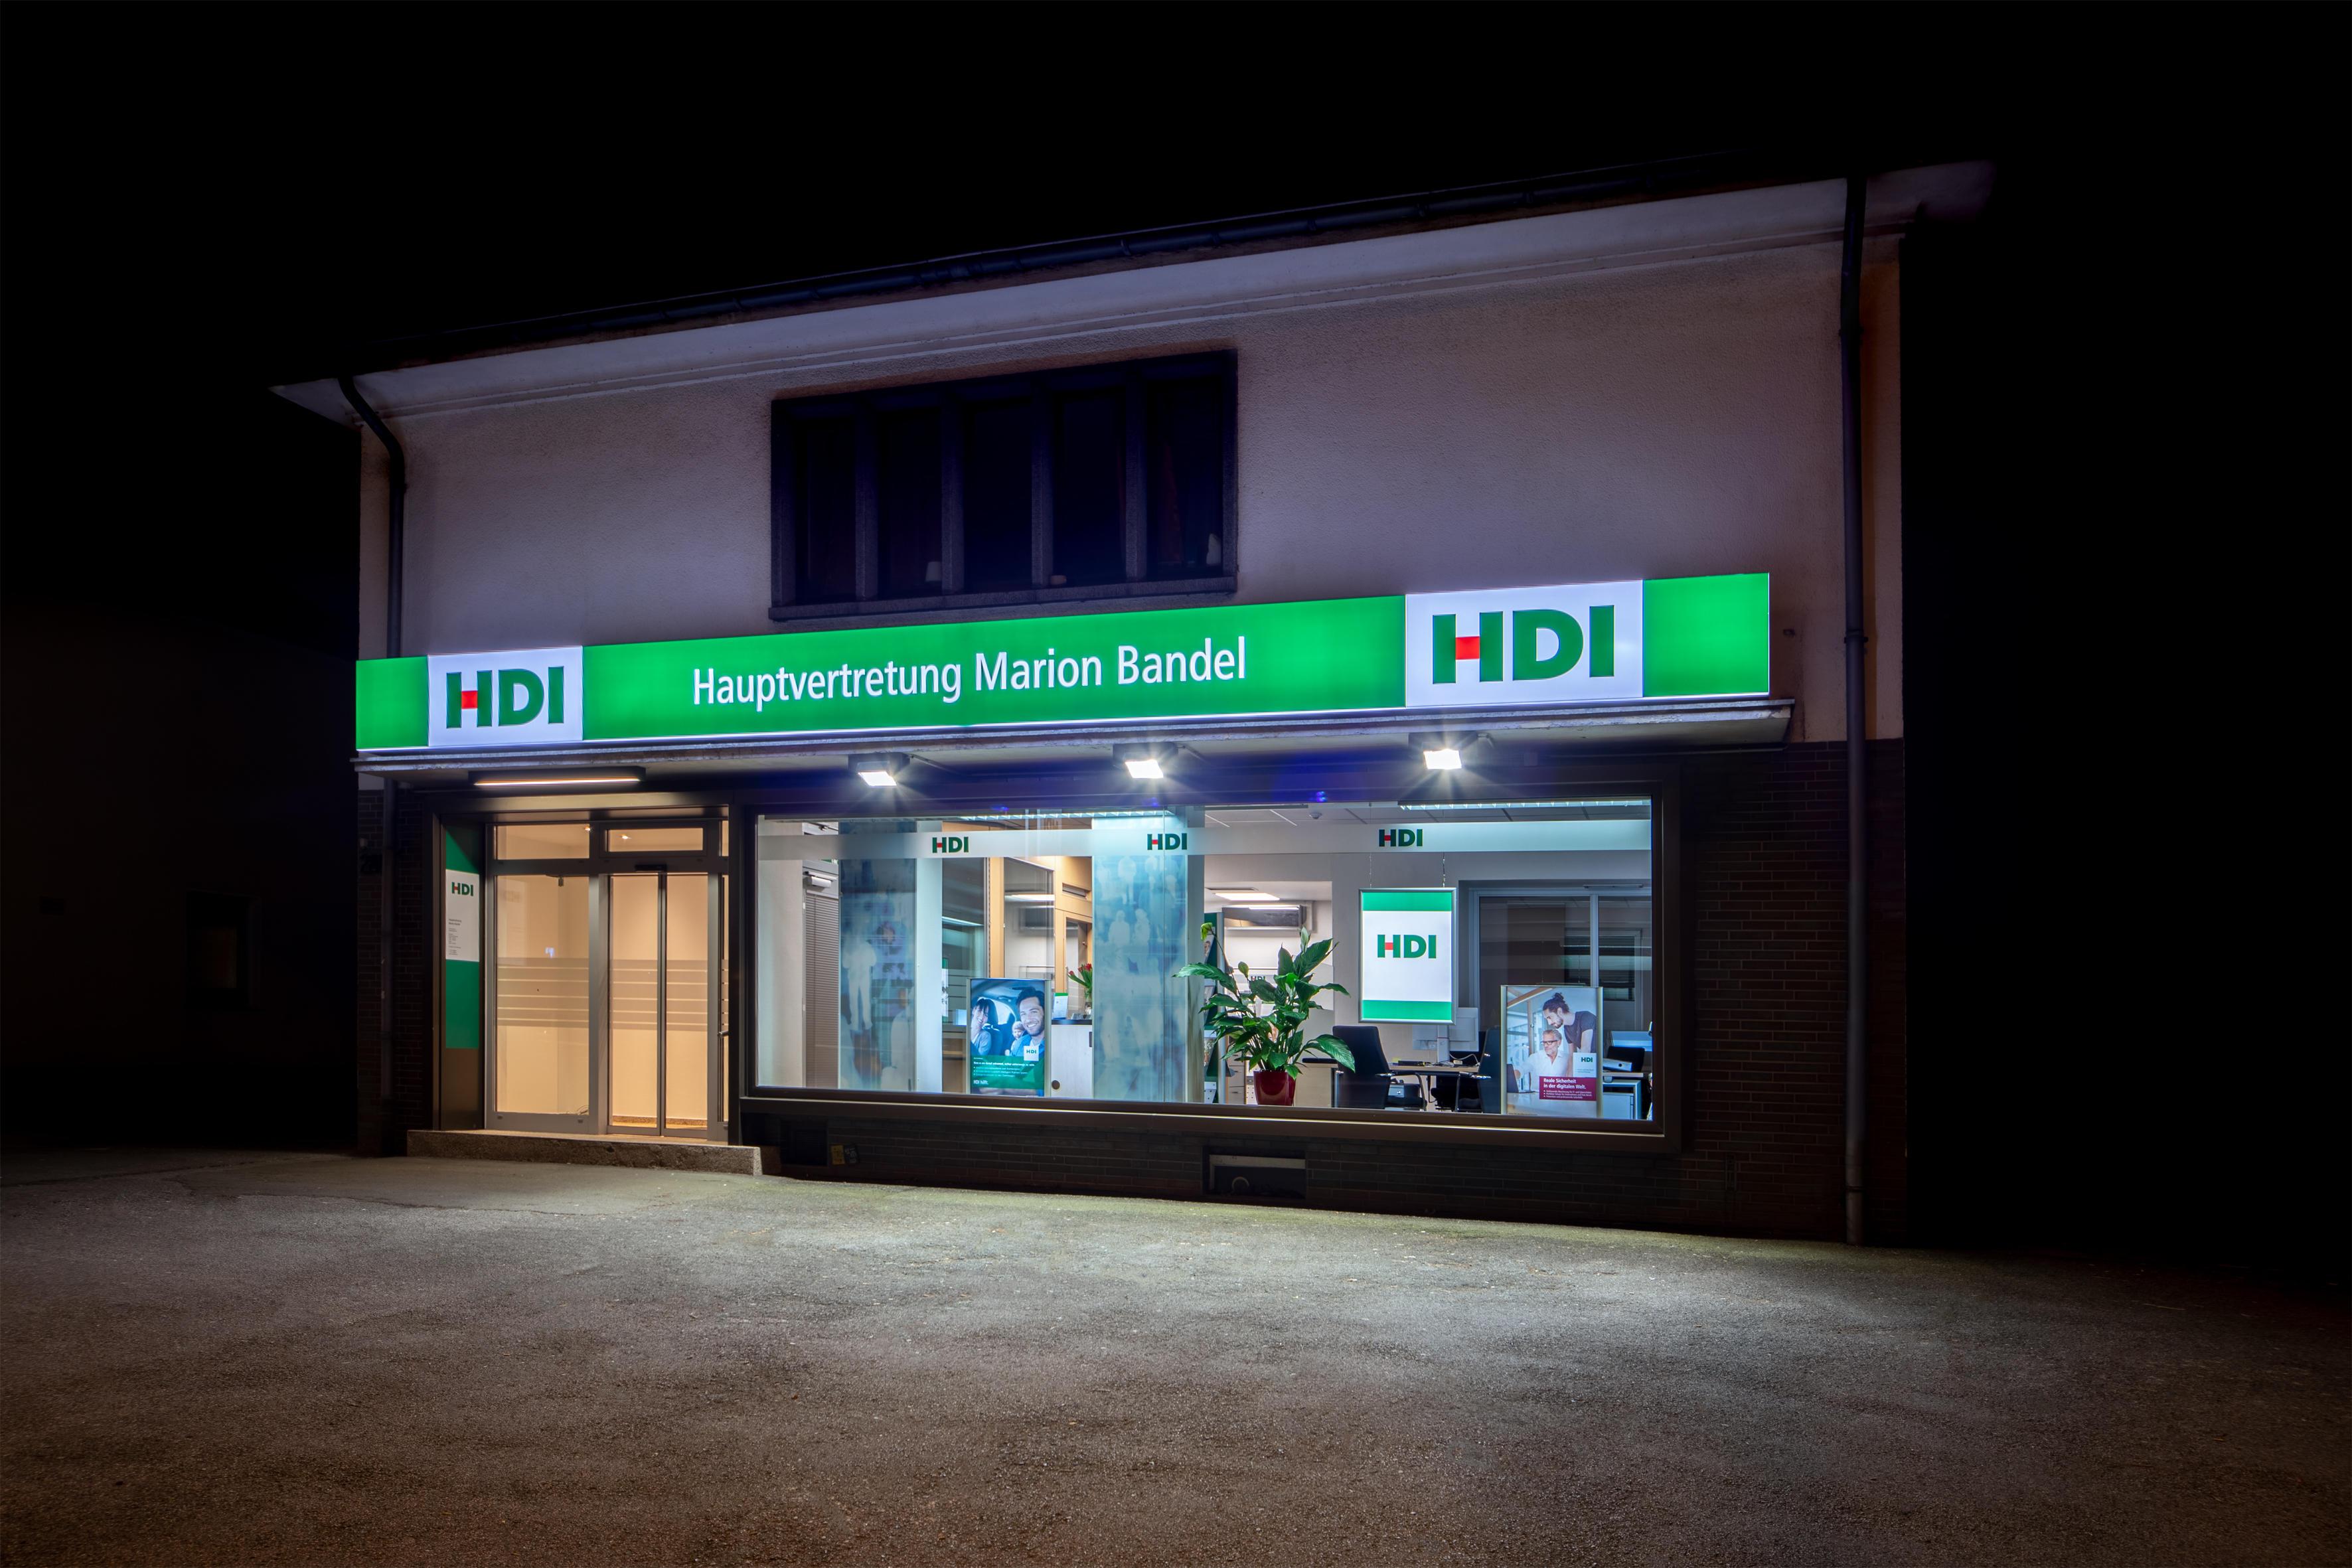 HDI Versicherungen Dortmund - Marion Bandel